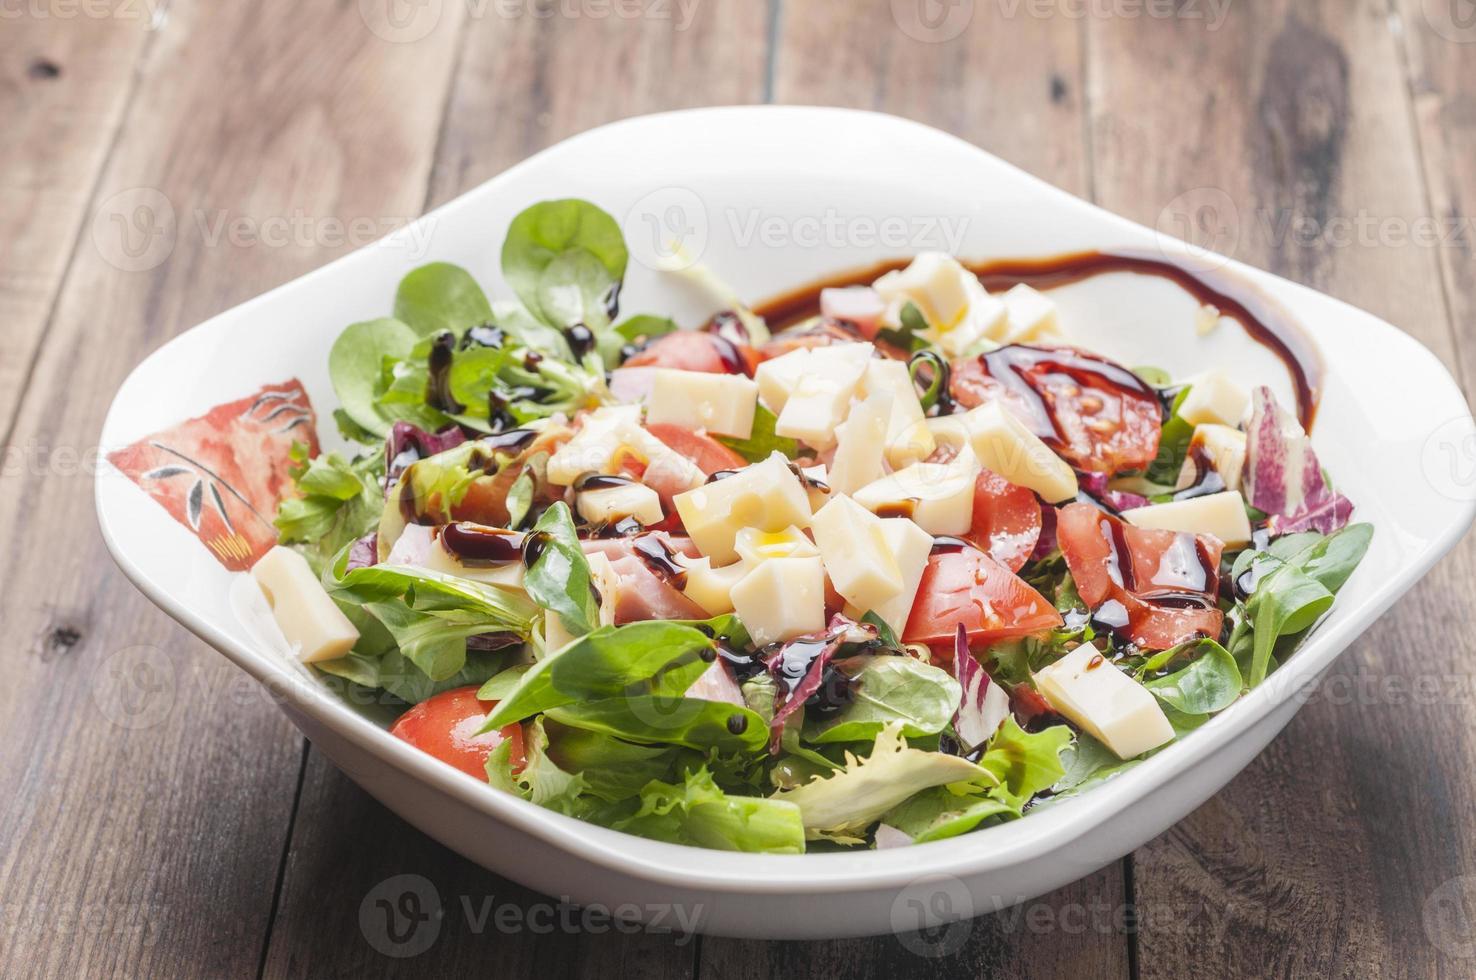 salade met kaas foto